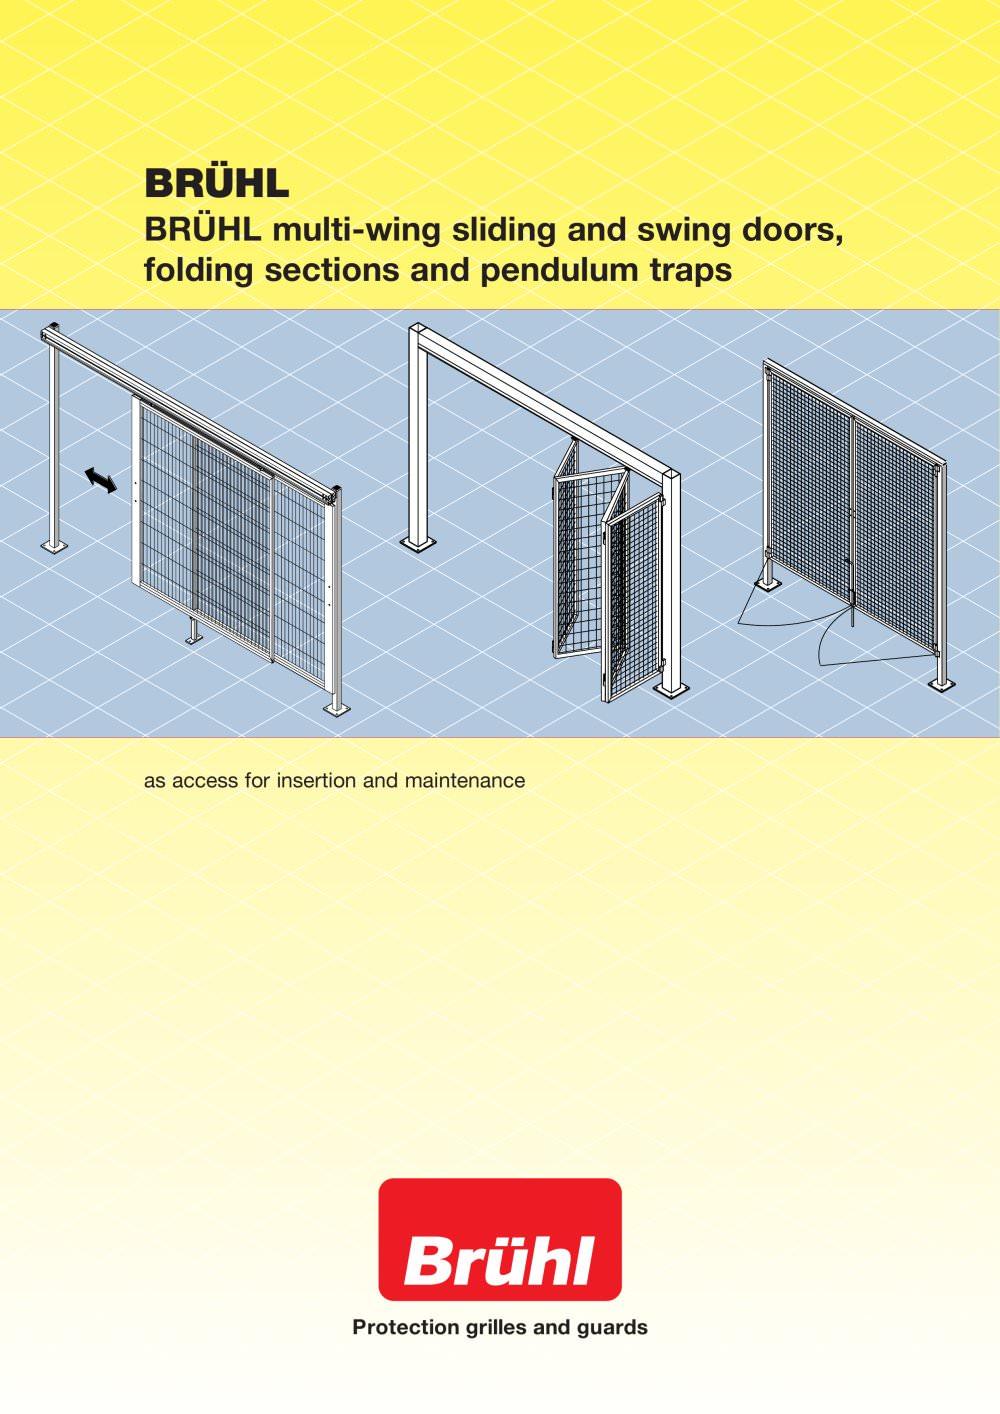 Sliding Door Swing Door Folding Section - HANS GEORG BRÜHL - PDF ...